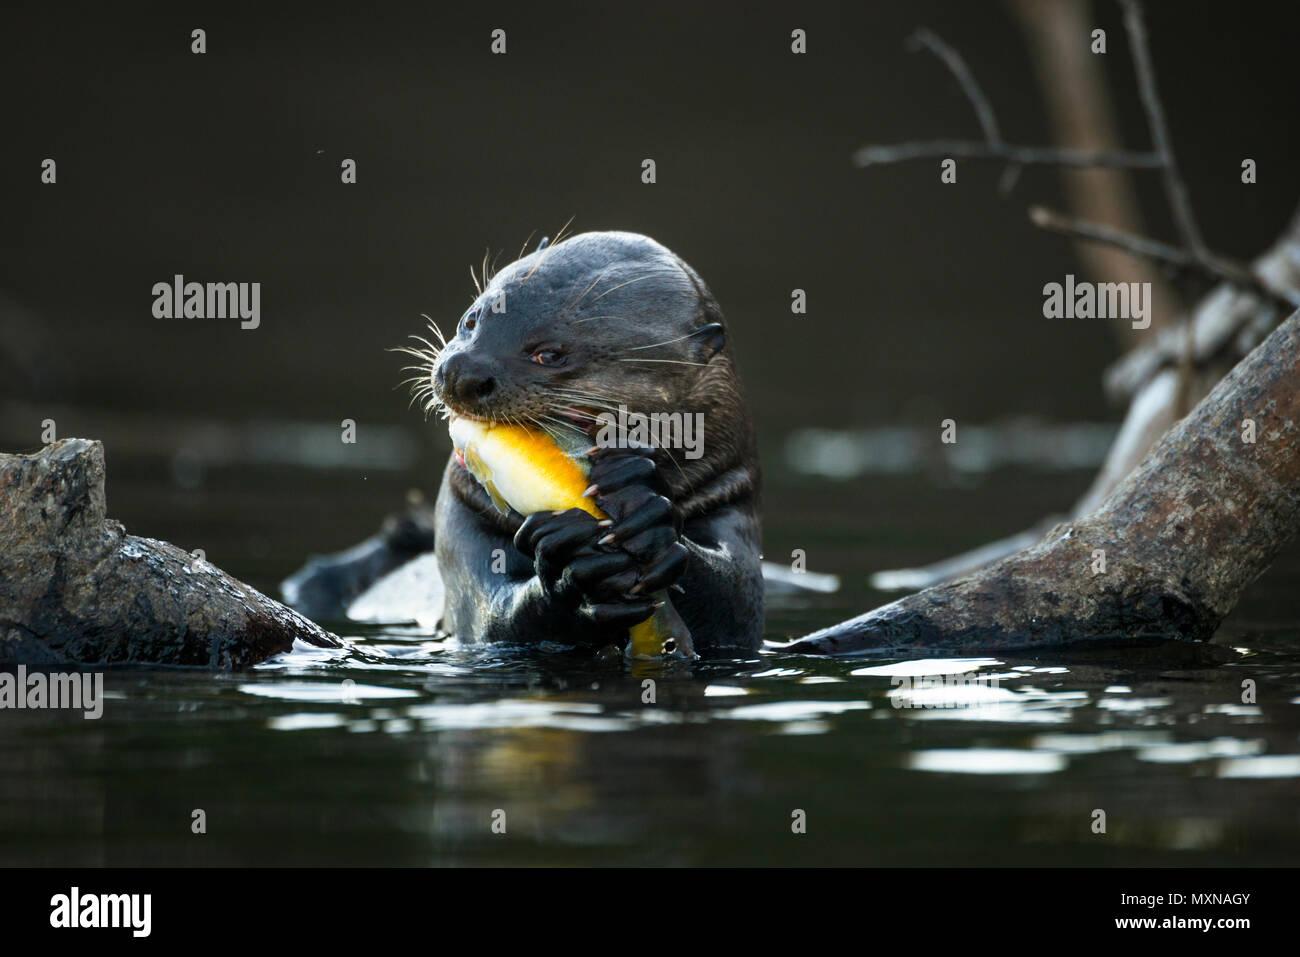 Una lontra gigante (Pteronura brasiliensis) mangiando un luccio-cichlid pesce Immagini Stock